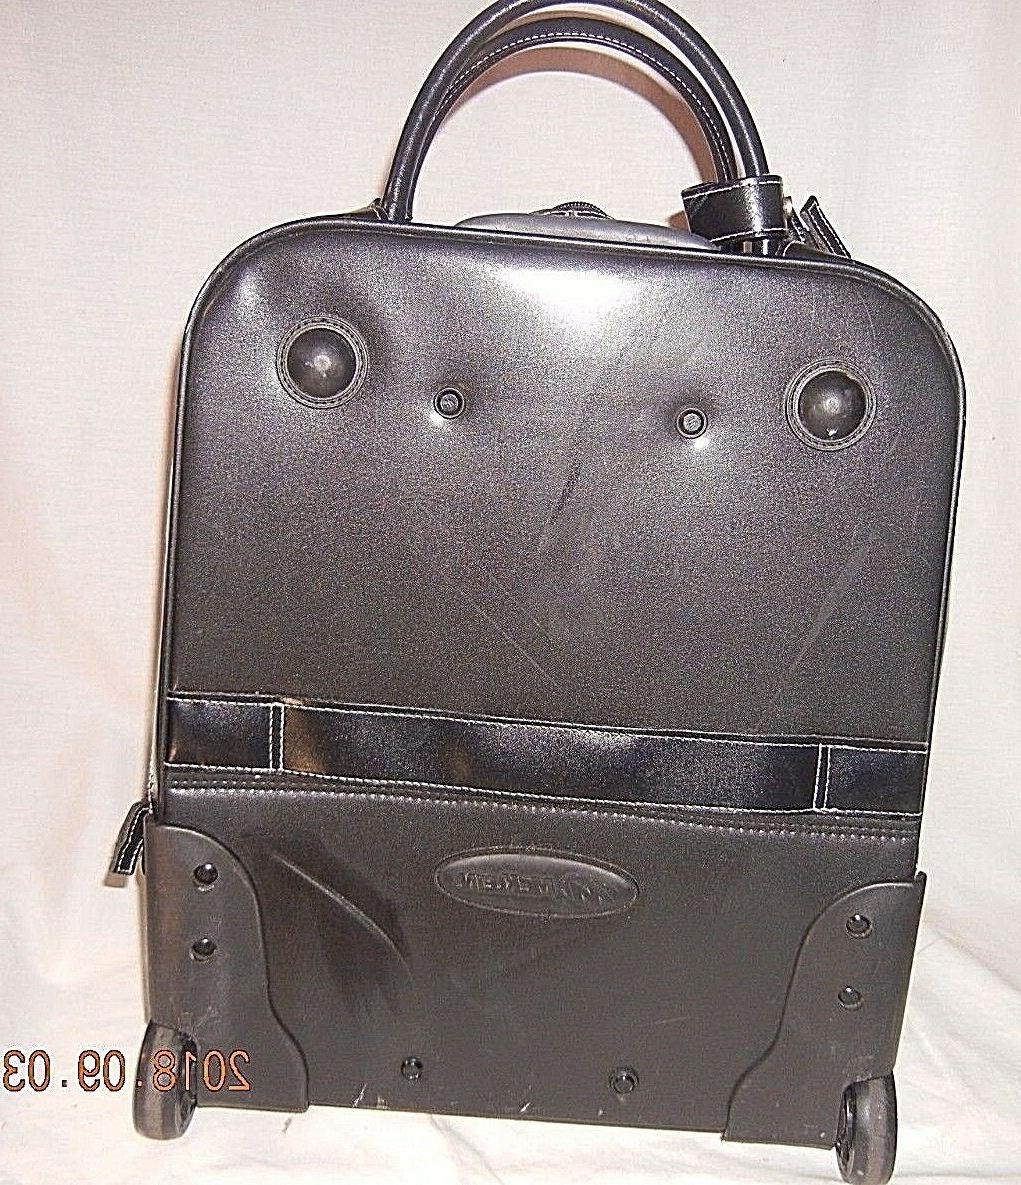 BRIEF Luggage Over McKlein